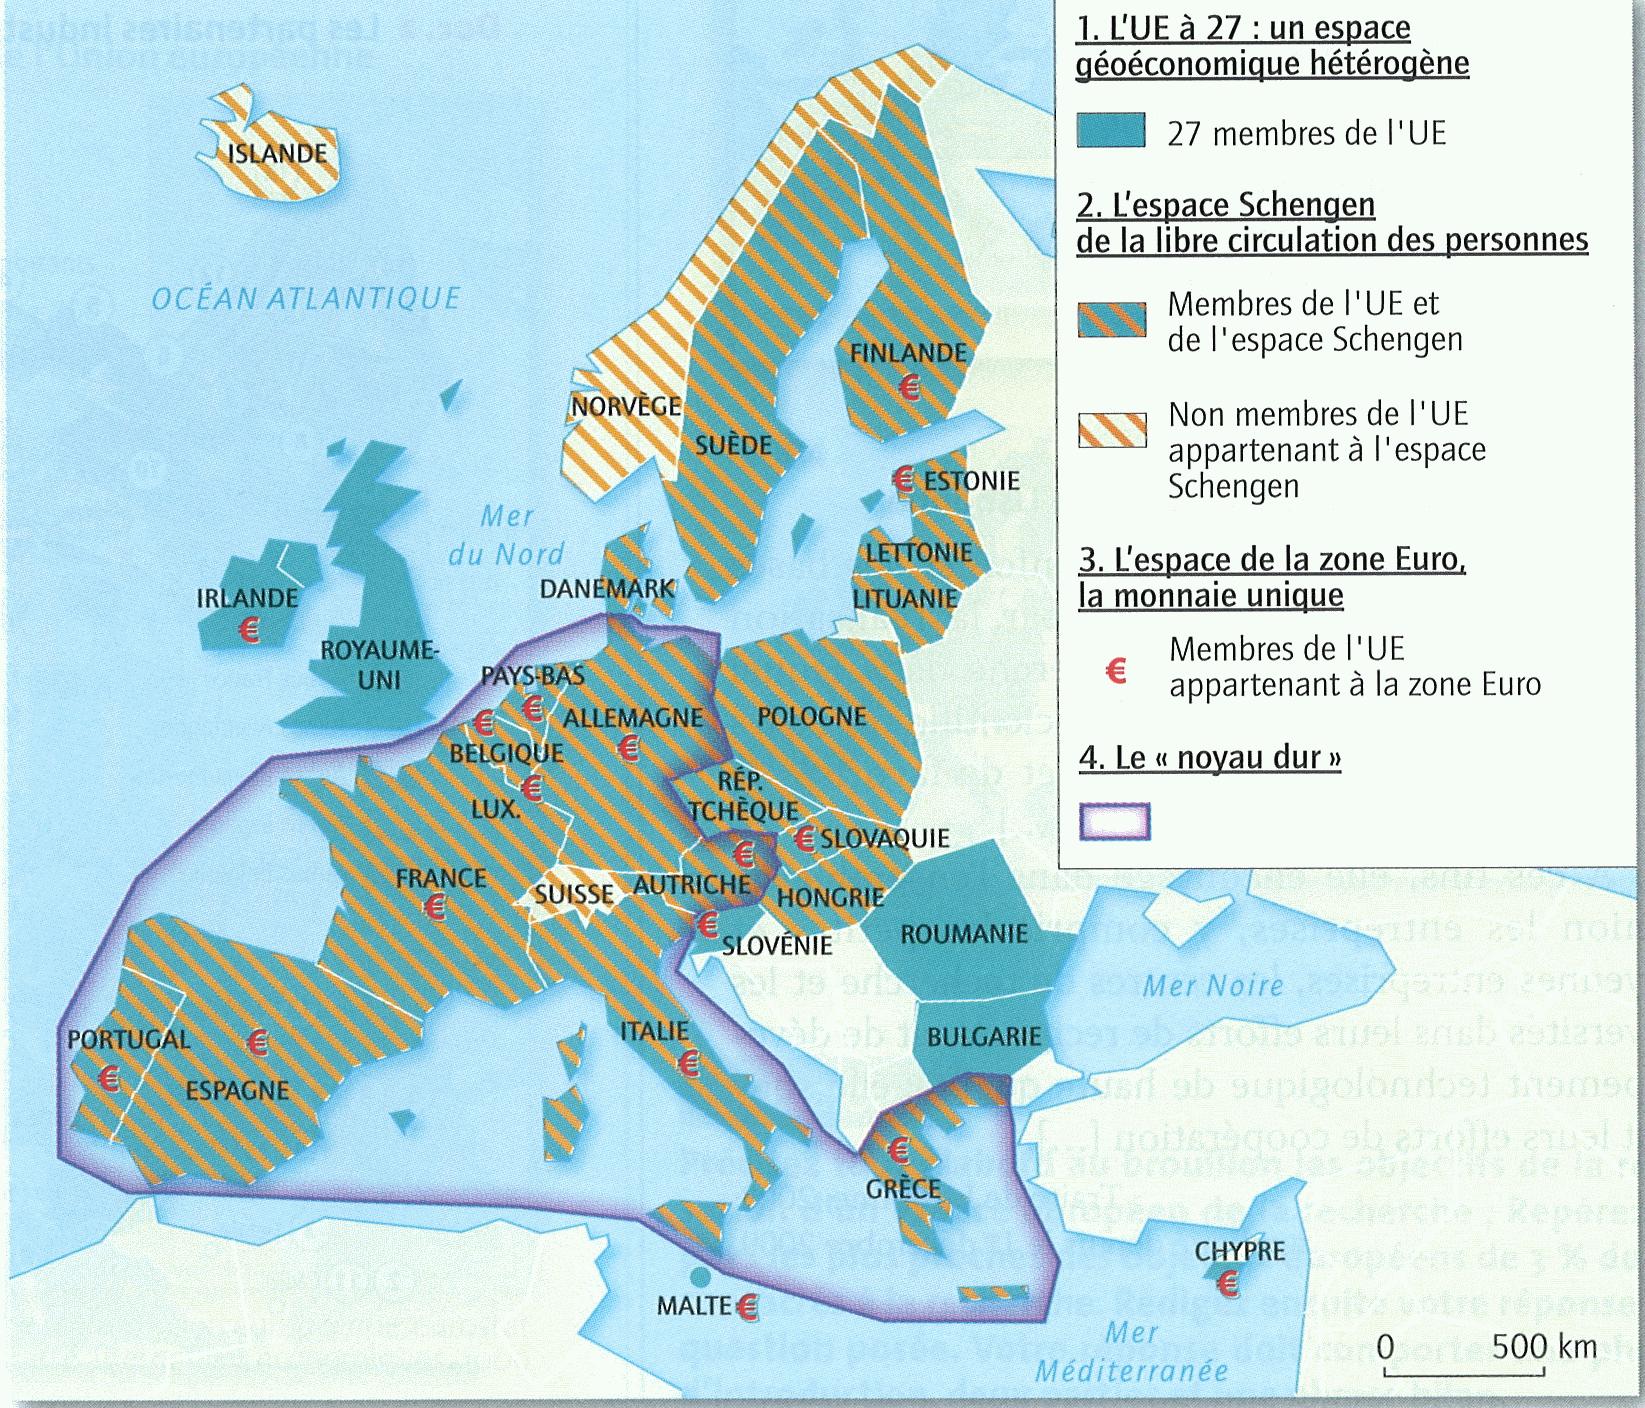 Union Européenne Et Ses Territoires – Hgeeks encequiconcerne La Carte De L Union Européenne